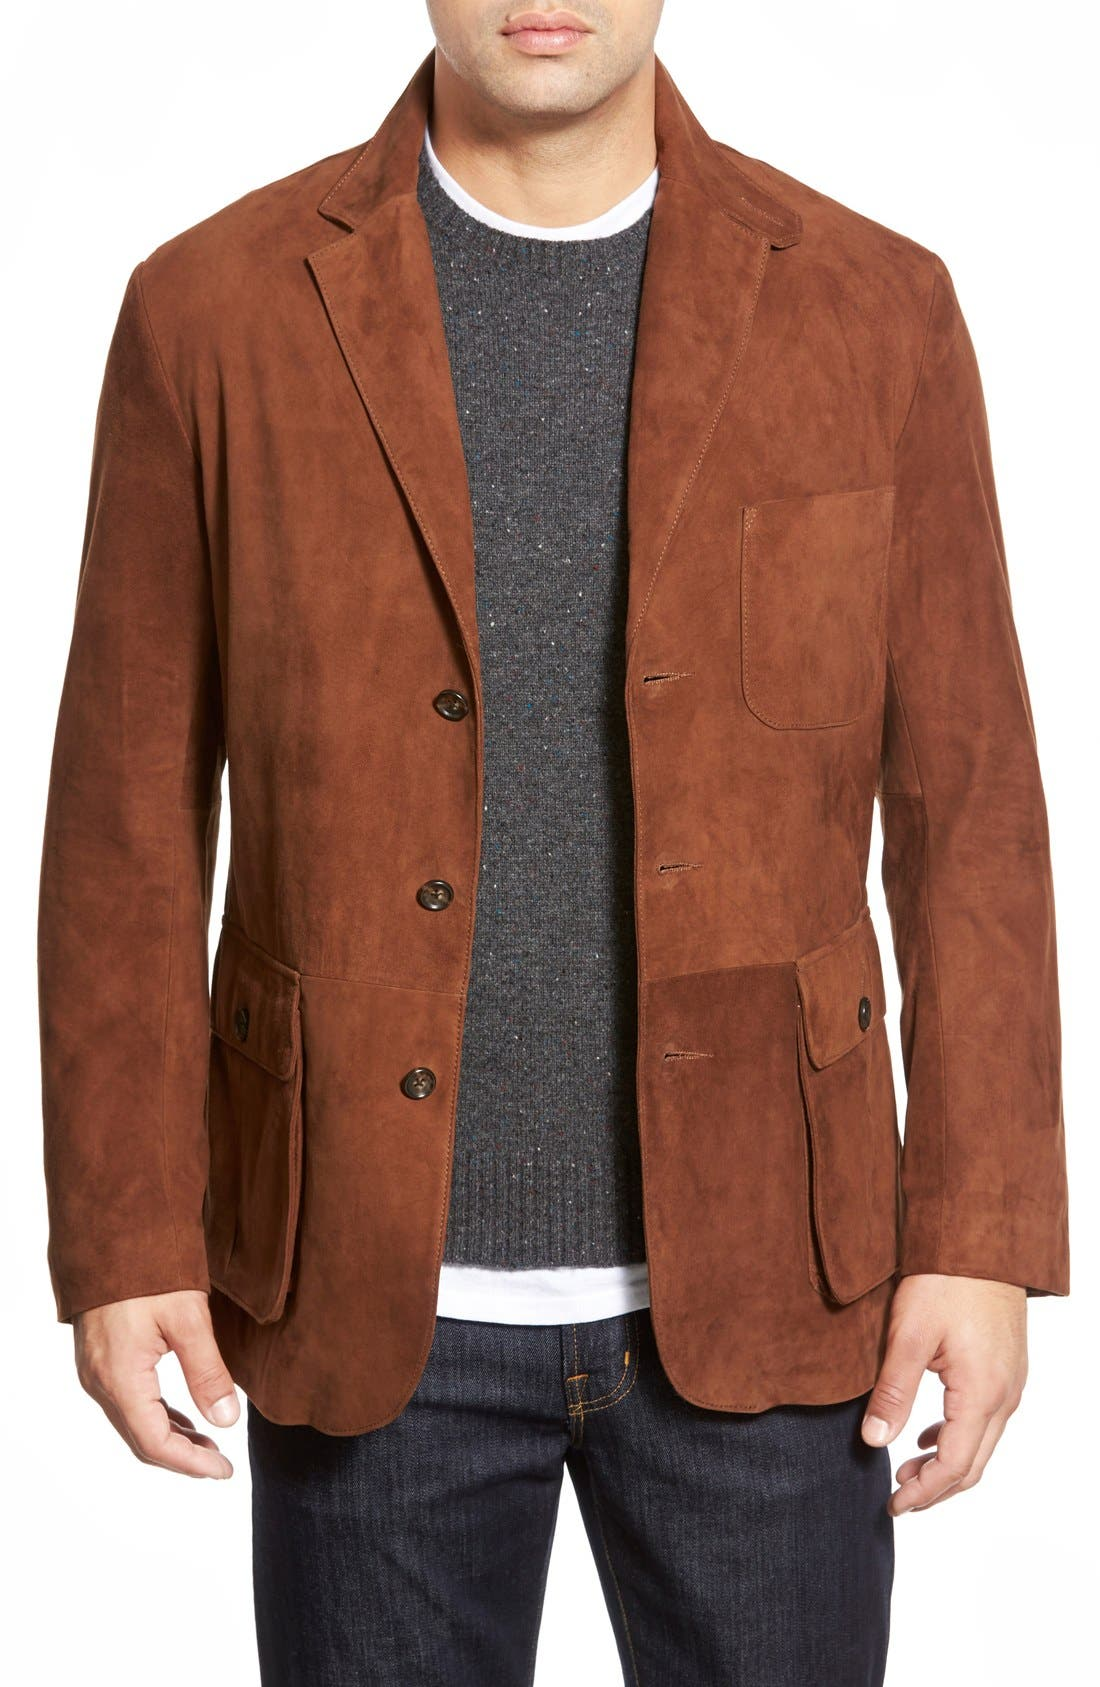 Alternate Image 1 Selected - Golden Bear Slim FitSuede Blazer